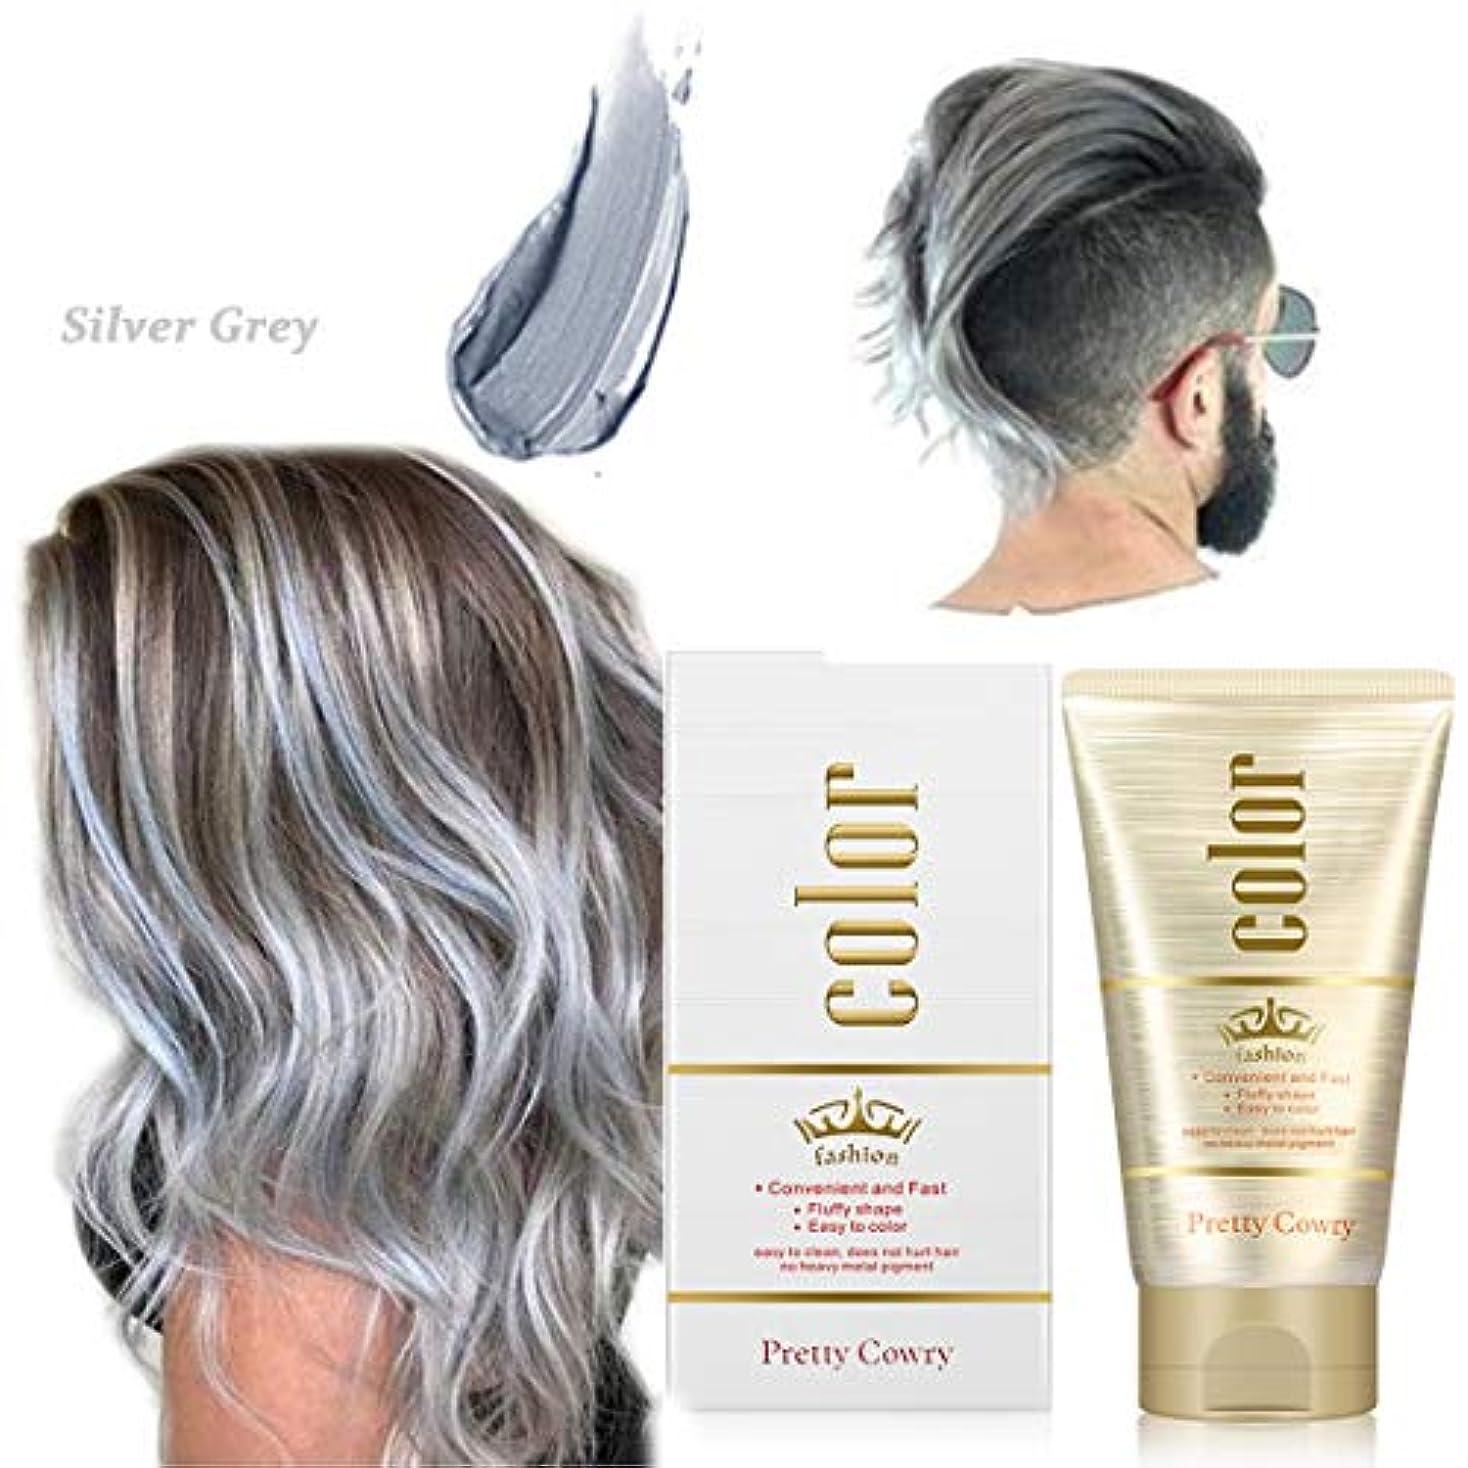 前投薬リスナー迫害する染めヘアワックス、ワンタイムカラースタイリング、スタイリングカラーヘアワックス、ユニセックス9色、diyヘアカラーヘアパーティー、ロールプレイング (Sliver grey)